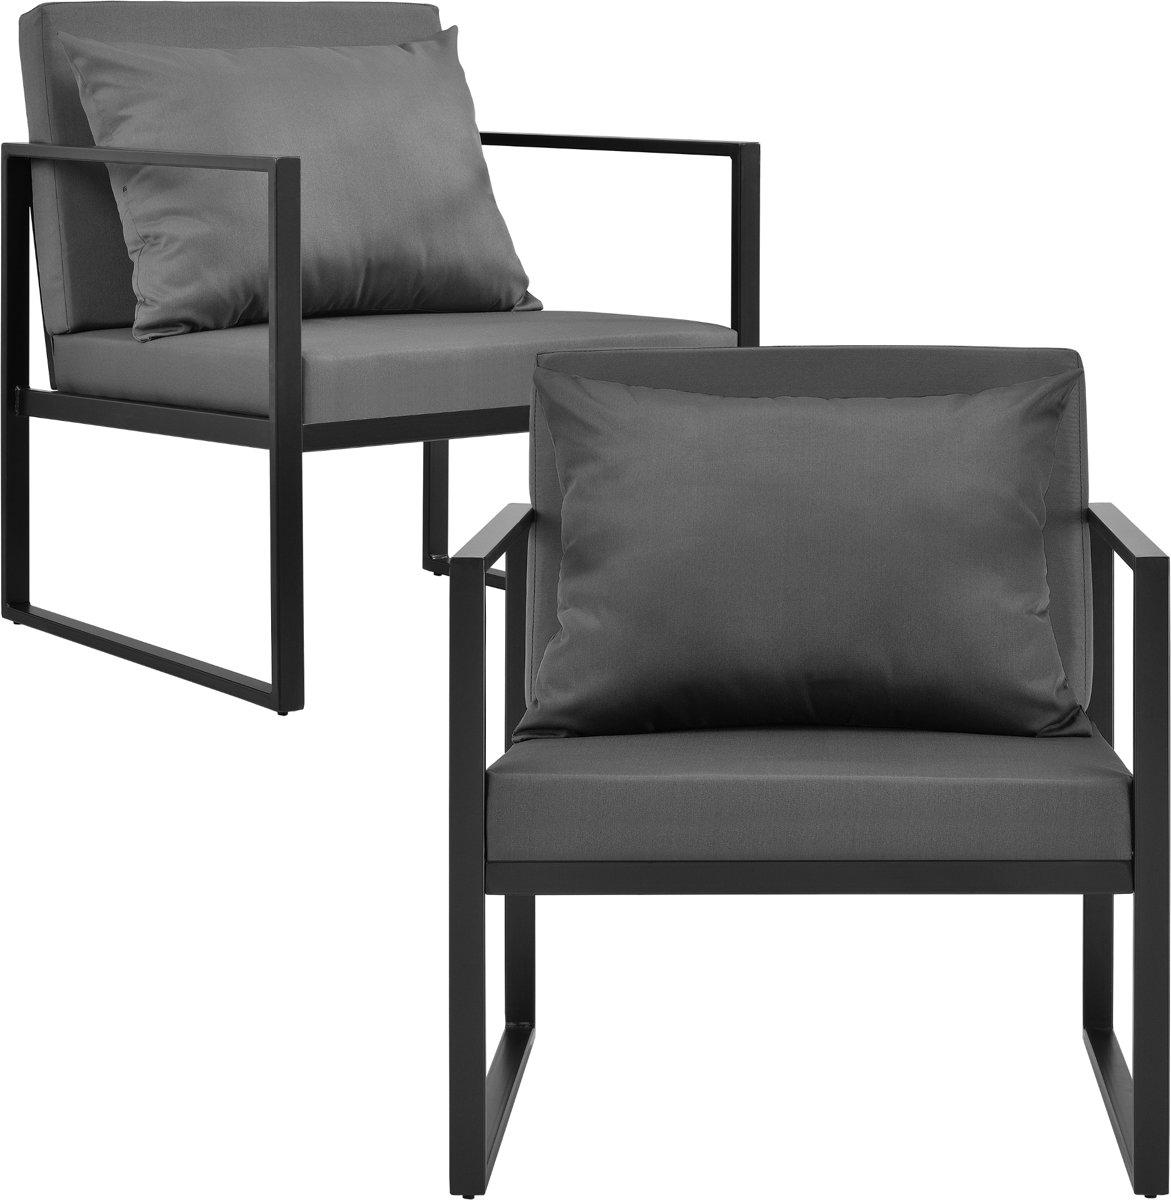 [casa.pro]® Tuinstoel - tuin armleunstoel - 2 stuks set - zwart kopen